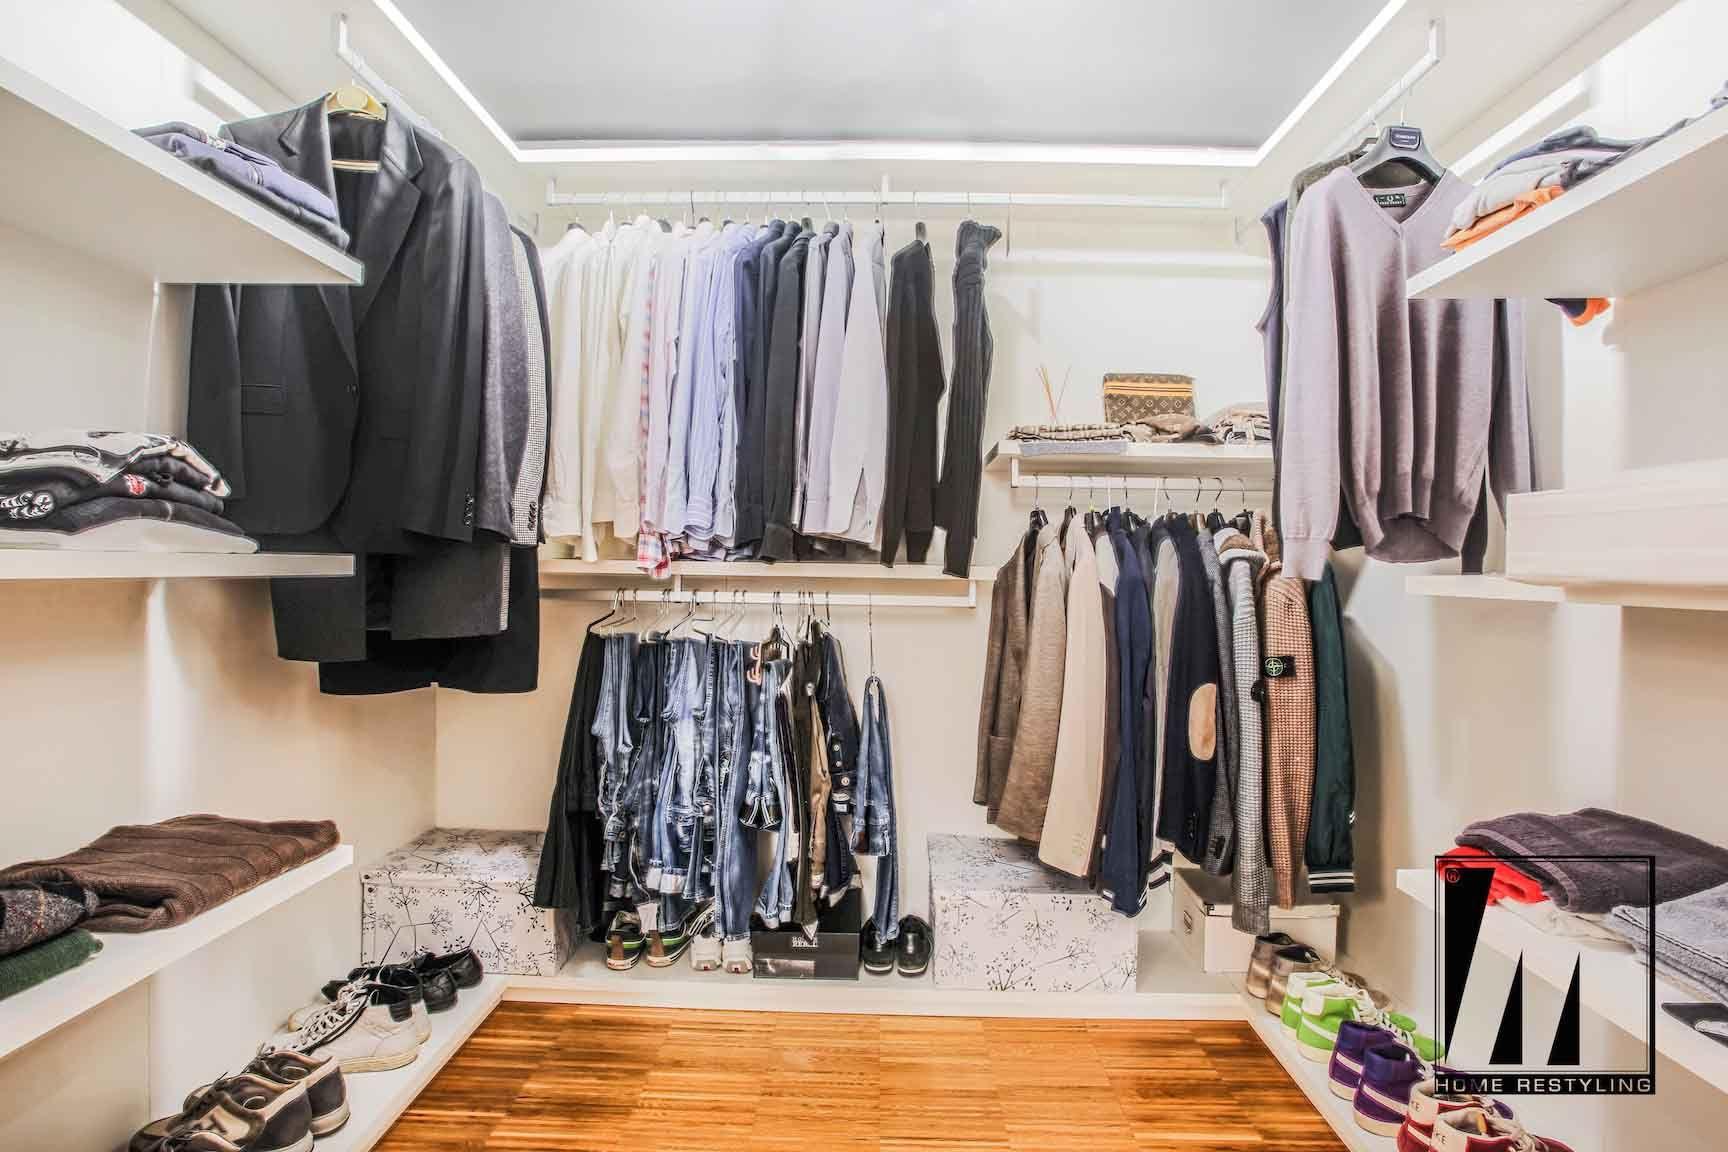 Progettazione Cabina Armadio : Ristrutturazioni by progetto scale cabina armadio clothing